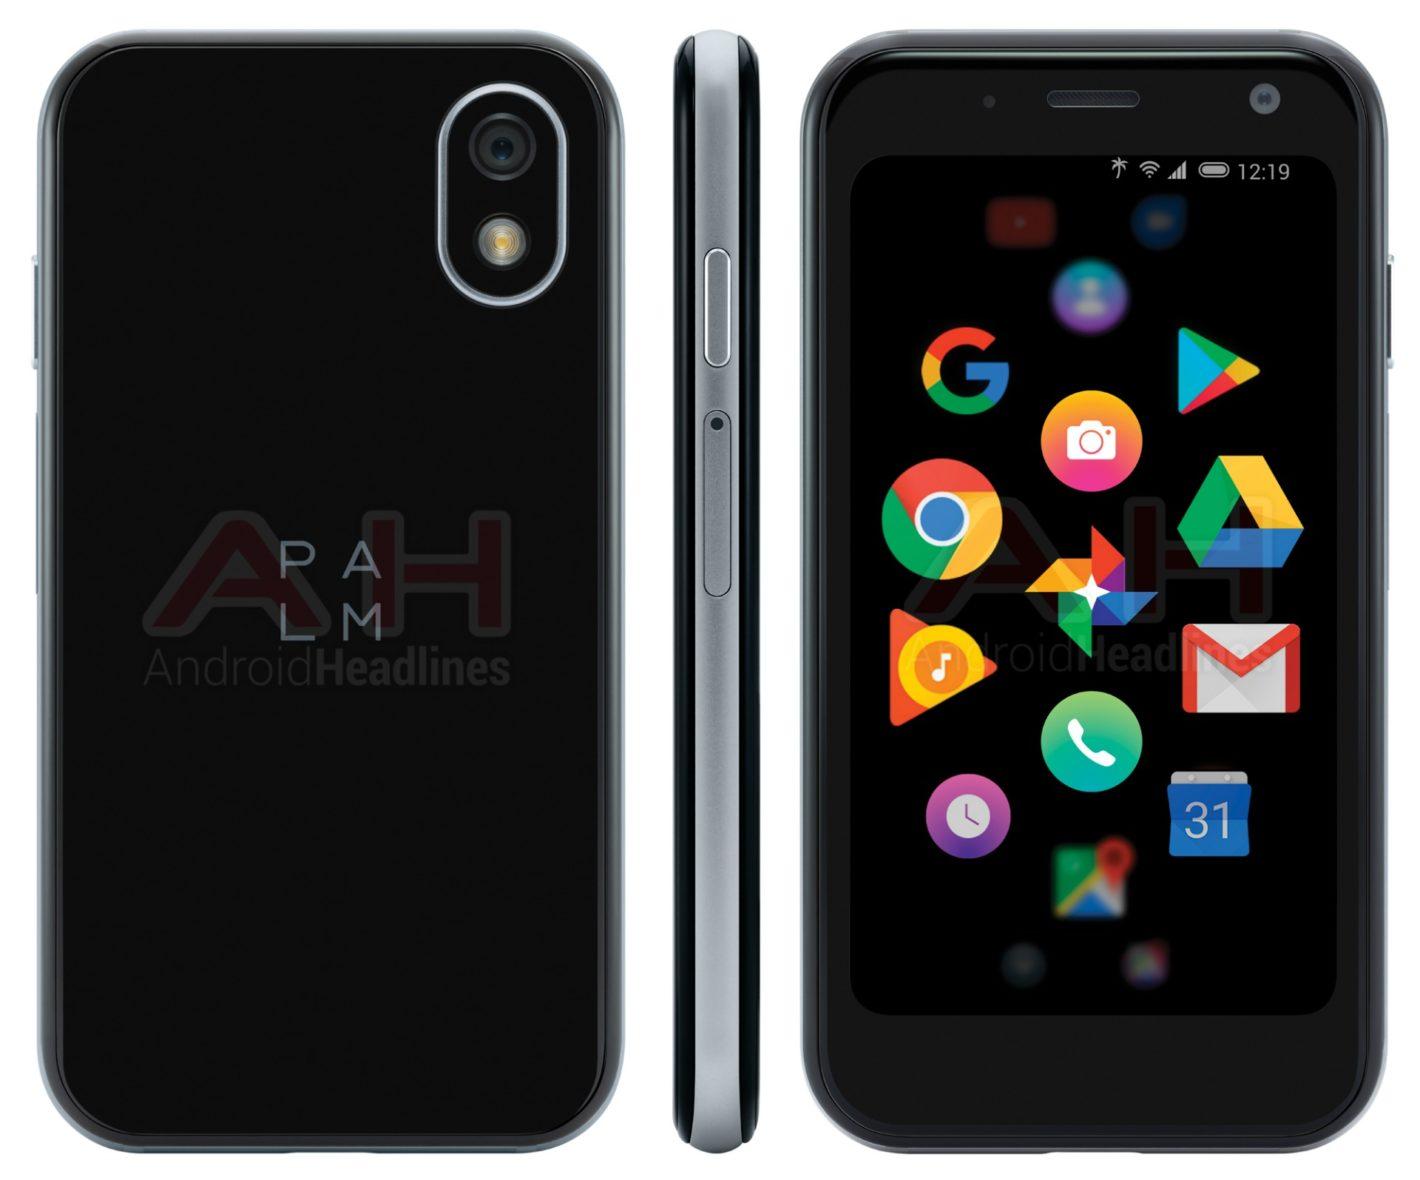 3.3英寸智能手机亮相,致敬乔布斯的iphone 4